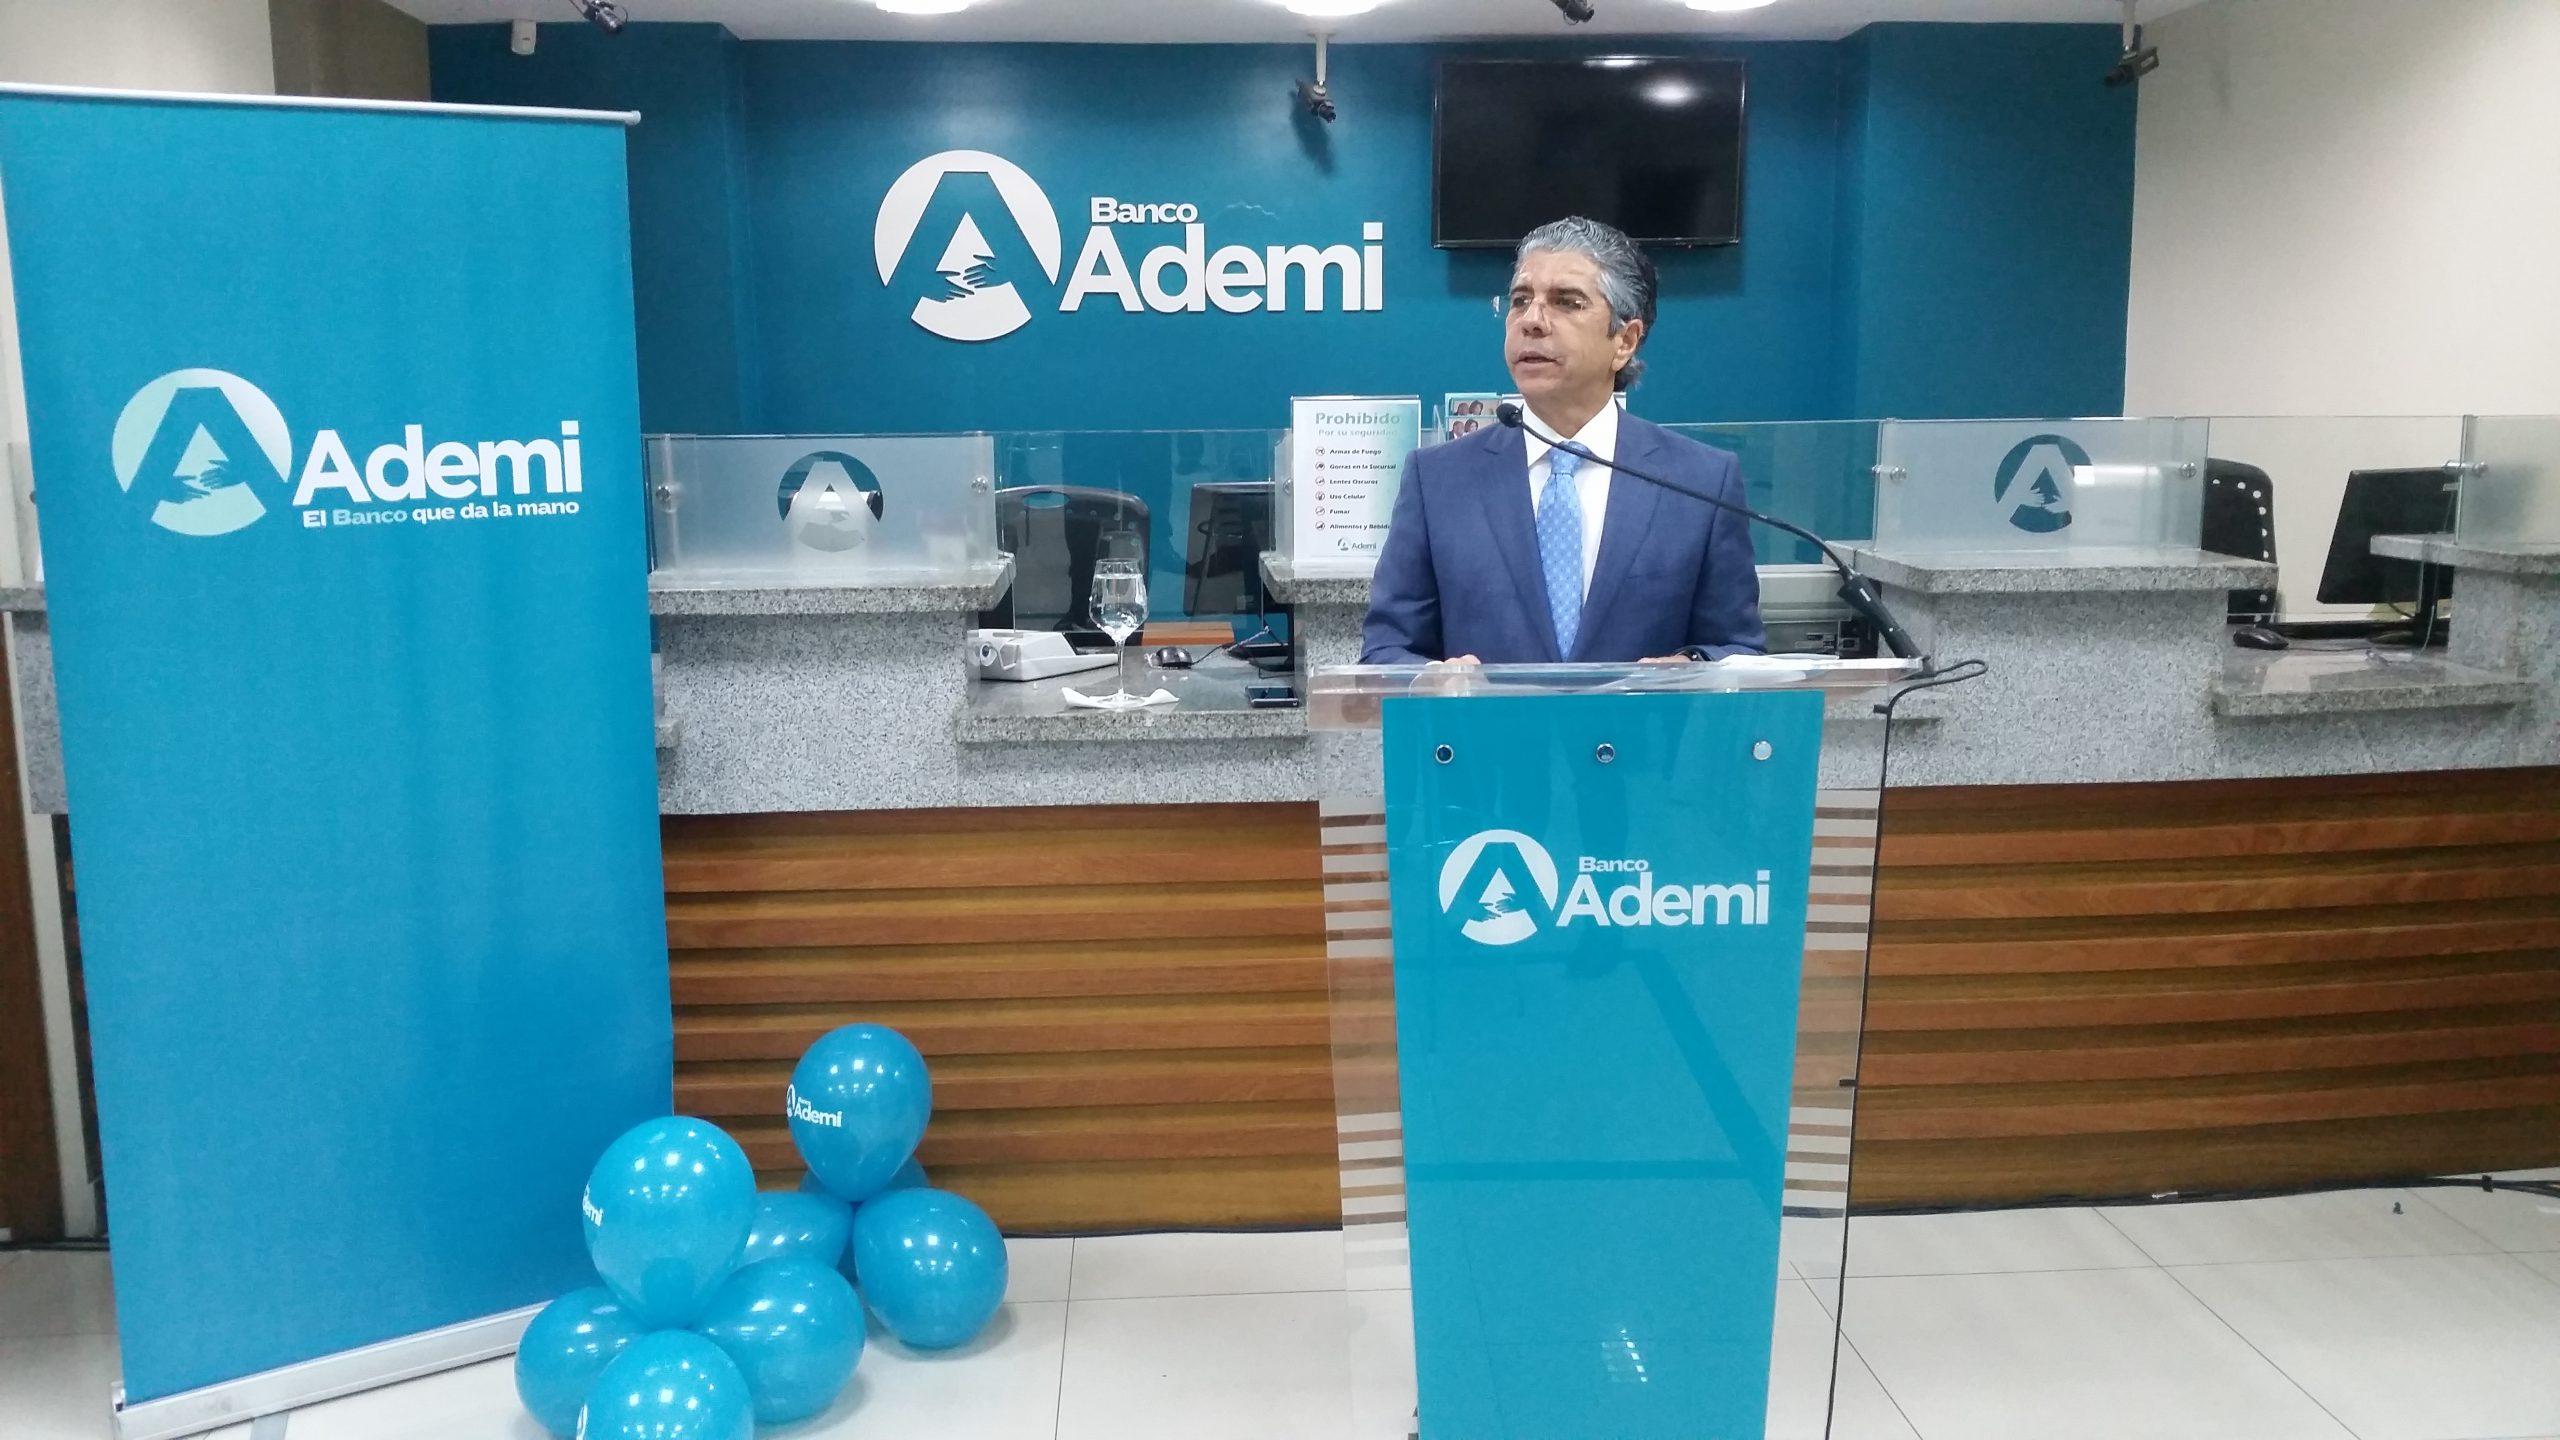 1 principal presidente ejecutivo de banco ademi, guillermo rondón.